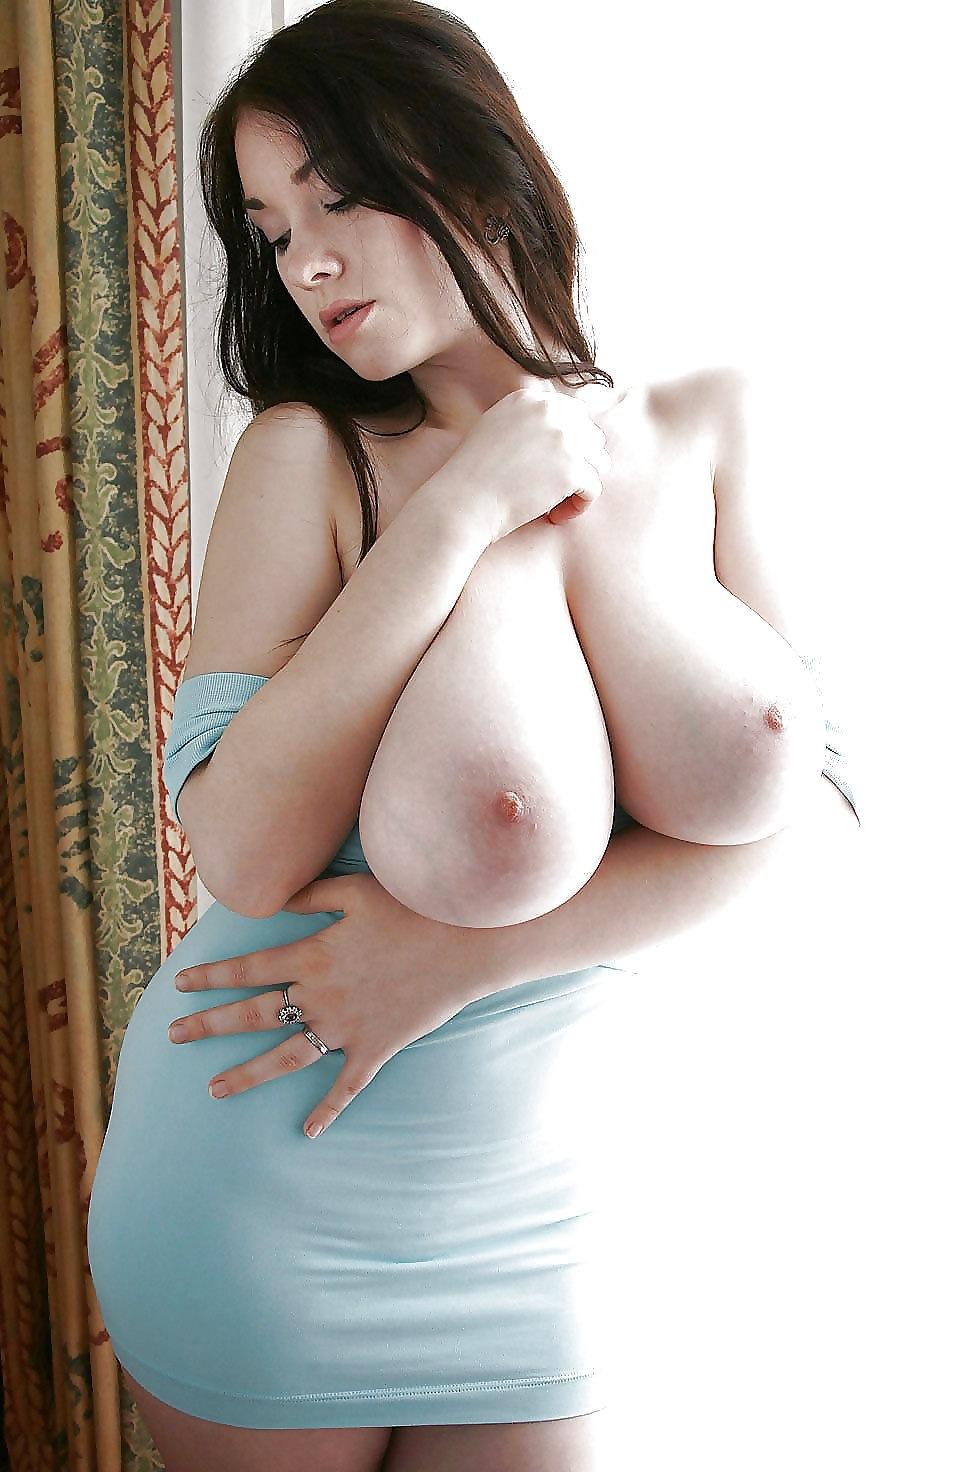 【海外エロ画像】巨乳で細くて肌も綺麗って…反則すぎるだろ外人のお姉さんwww 13